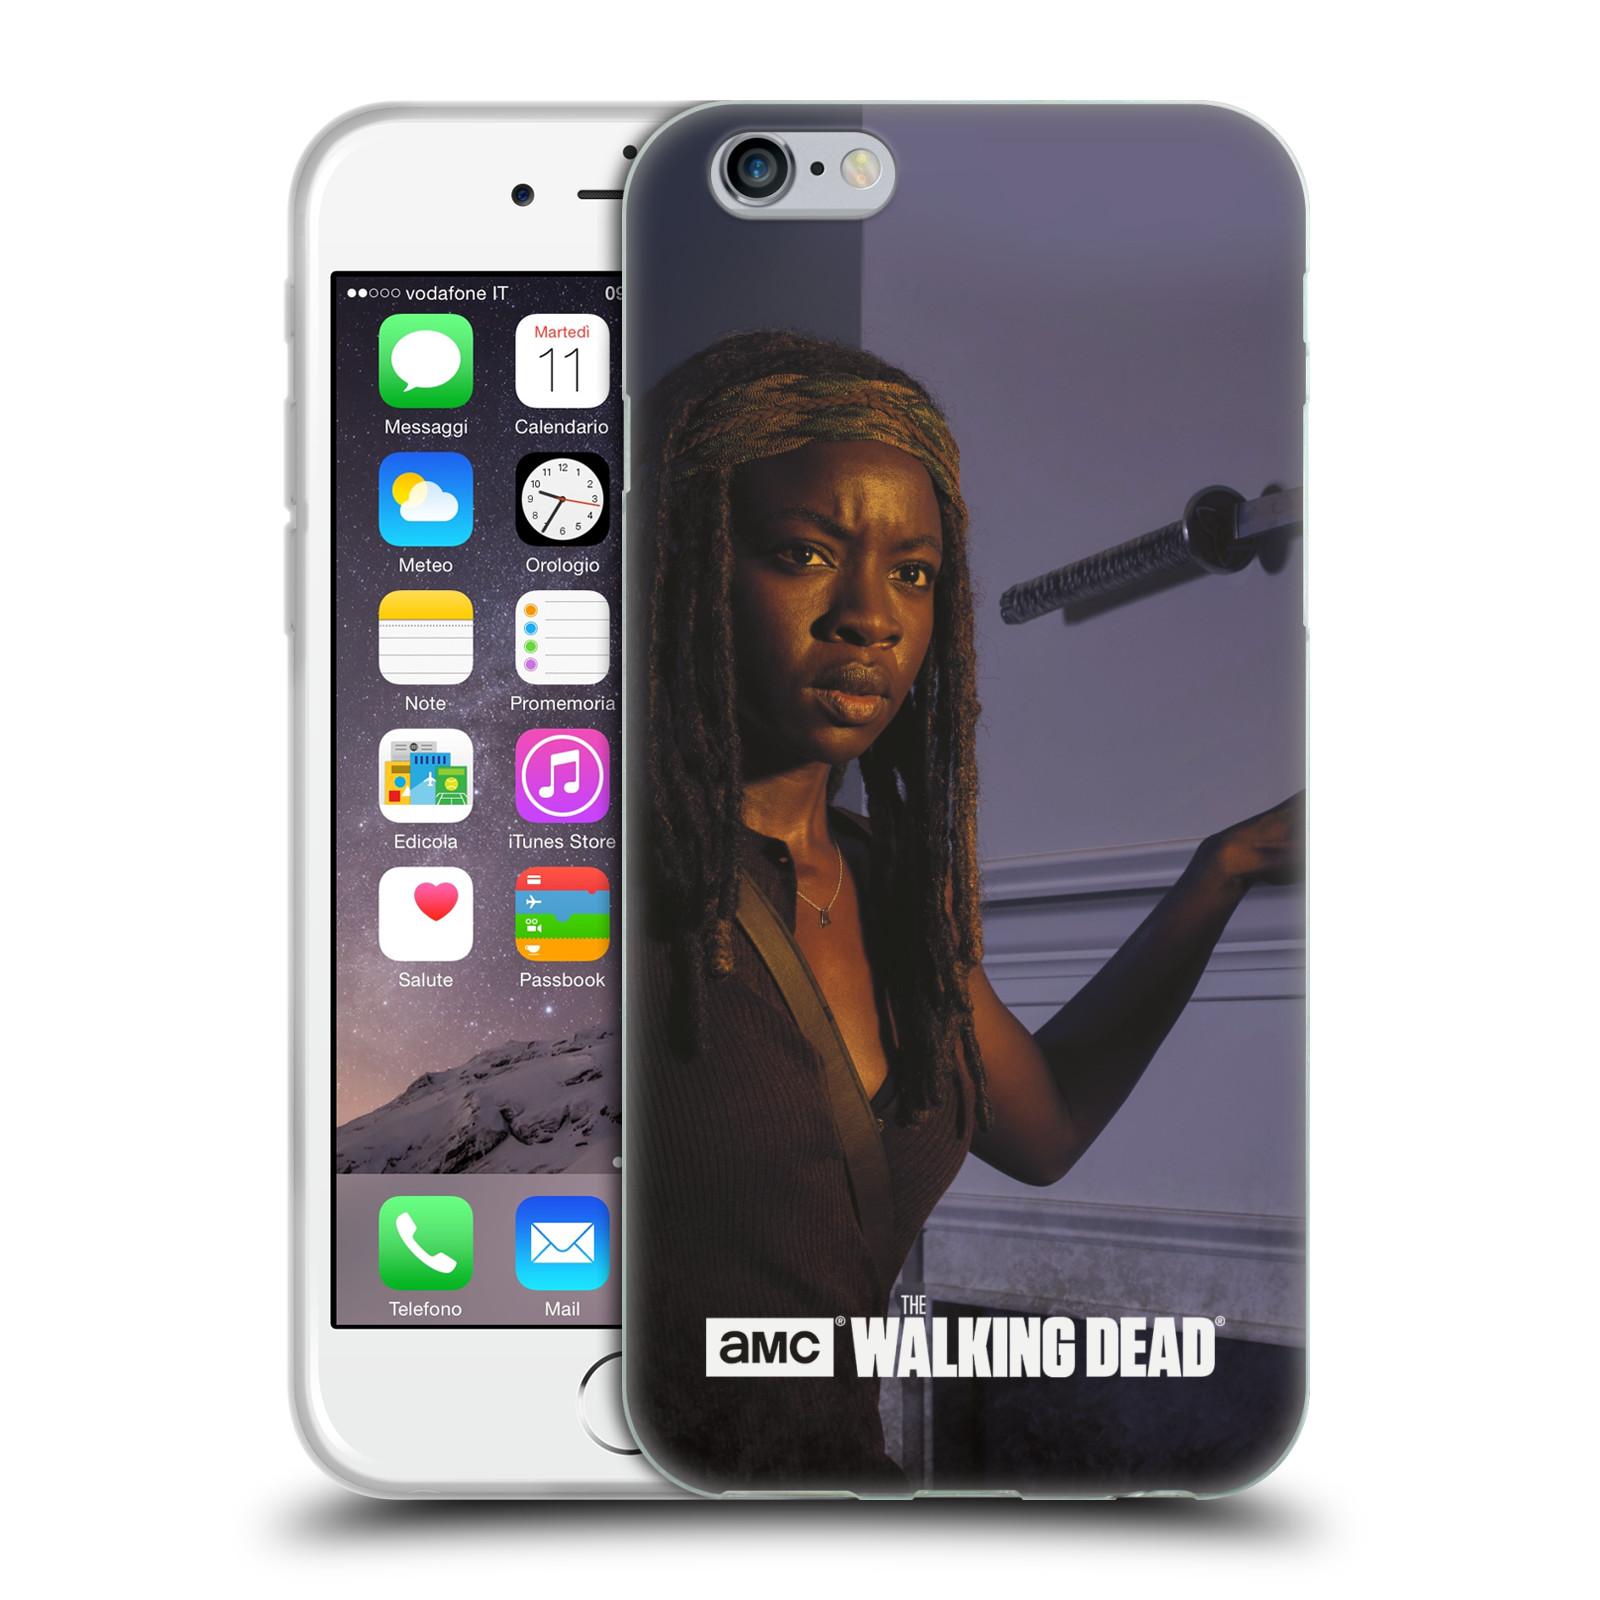 HEAD CASE silikonový obal na mobil Apple Iphone 6 / 6S originální potisk Walking Dead postavy v akci Michonne